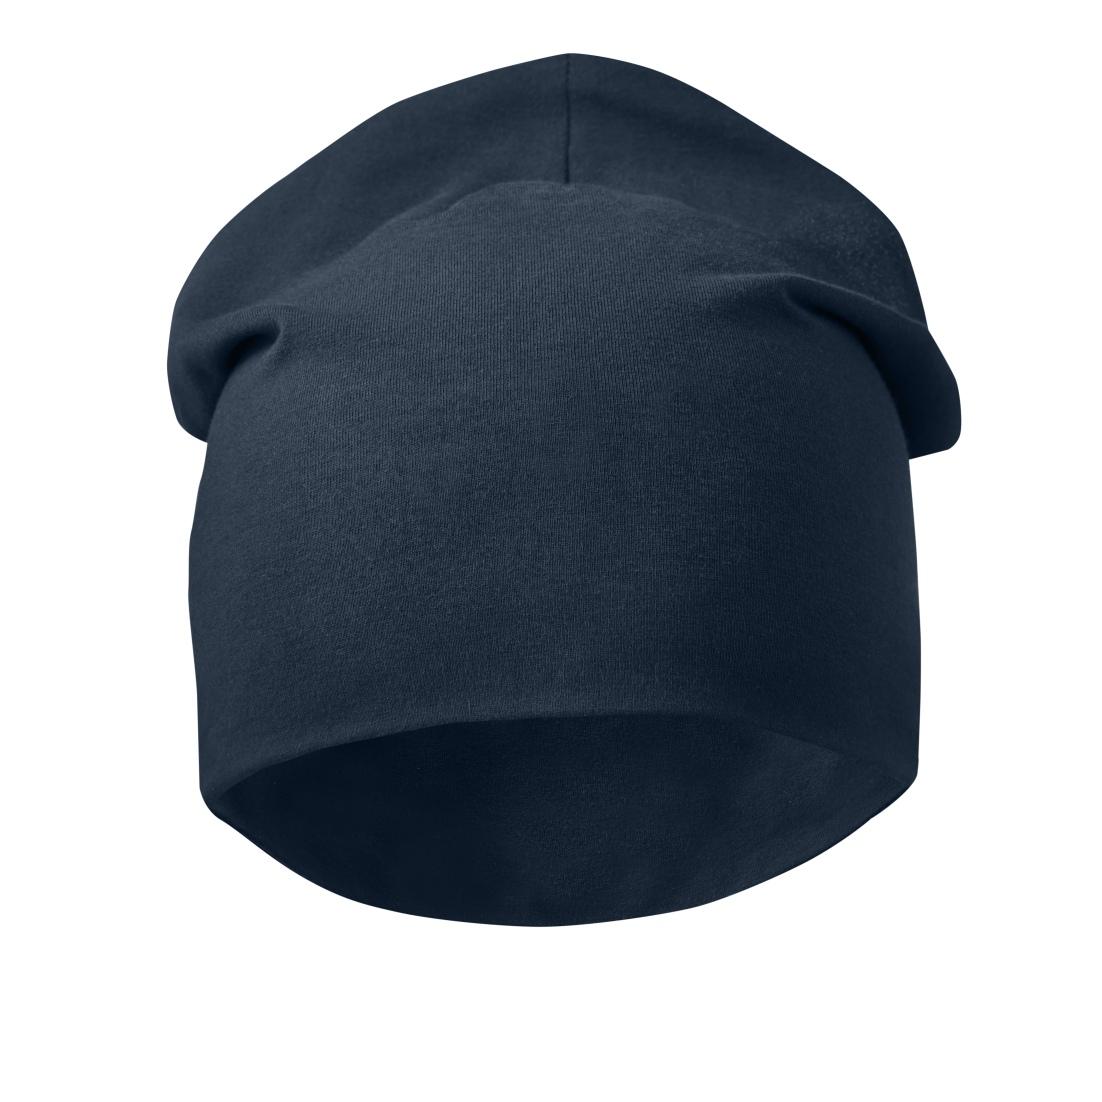 AllroundWork Cotton Beanie, Donker Blauw (9500), 000